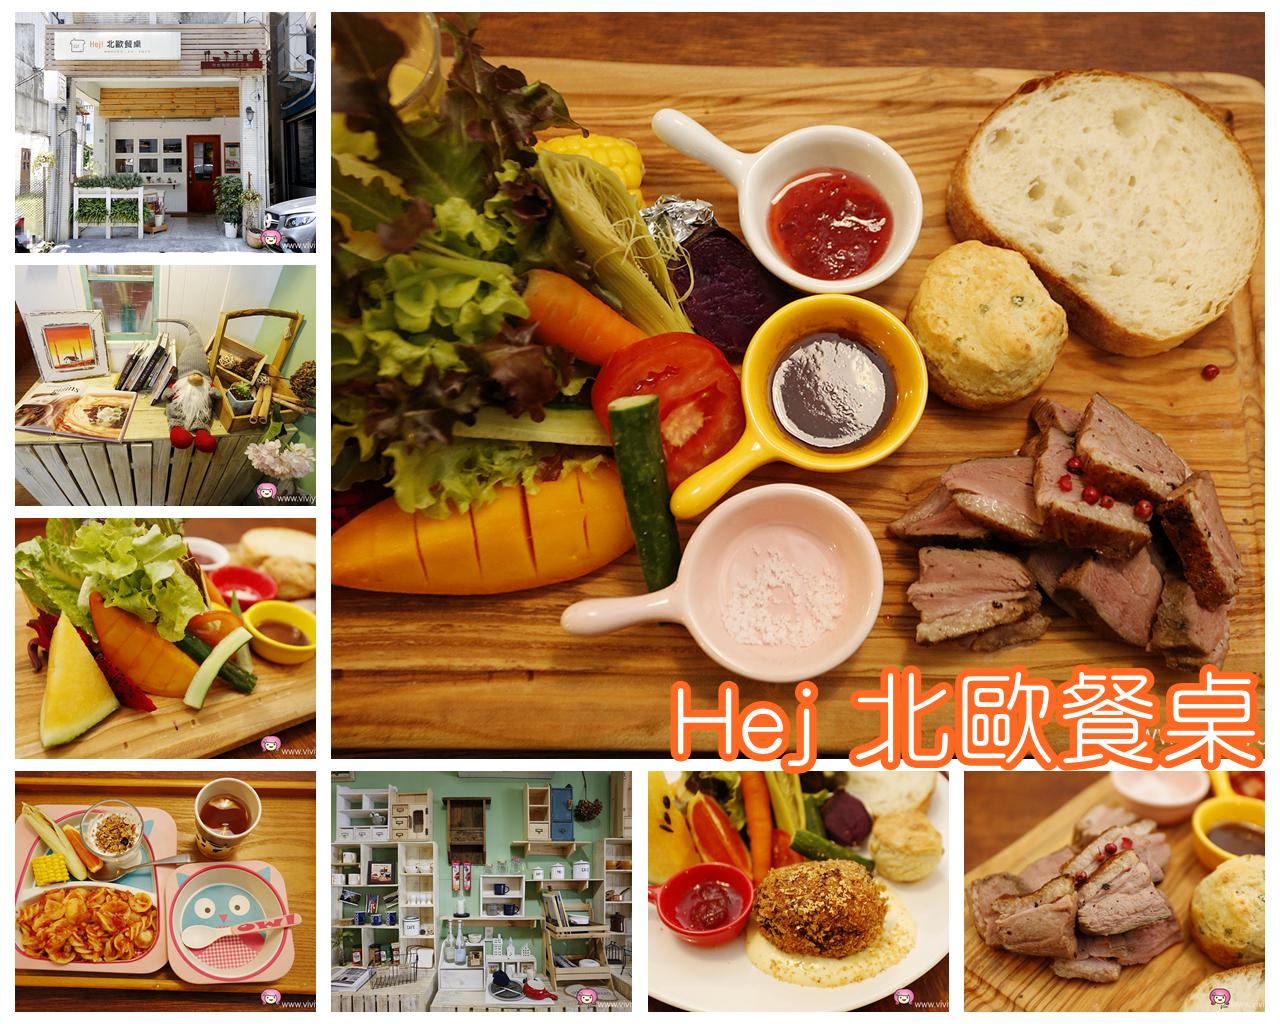 [宜蘭美食]羅東新餐廳.Hej 北歐餐桌~吃的到食材原味的豐盛早午餐料理 @VIVIYU小世界